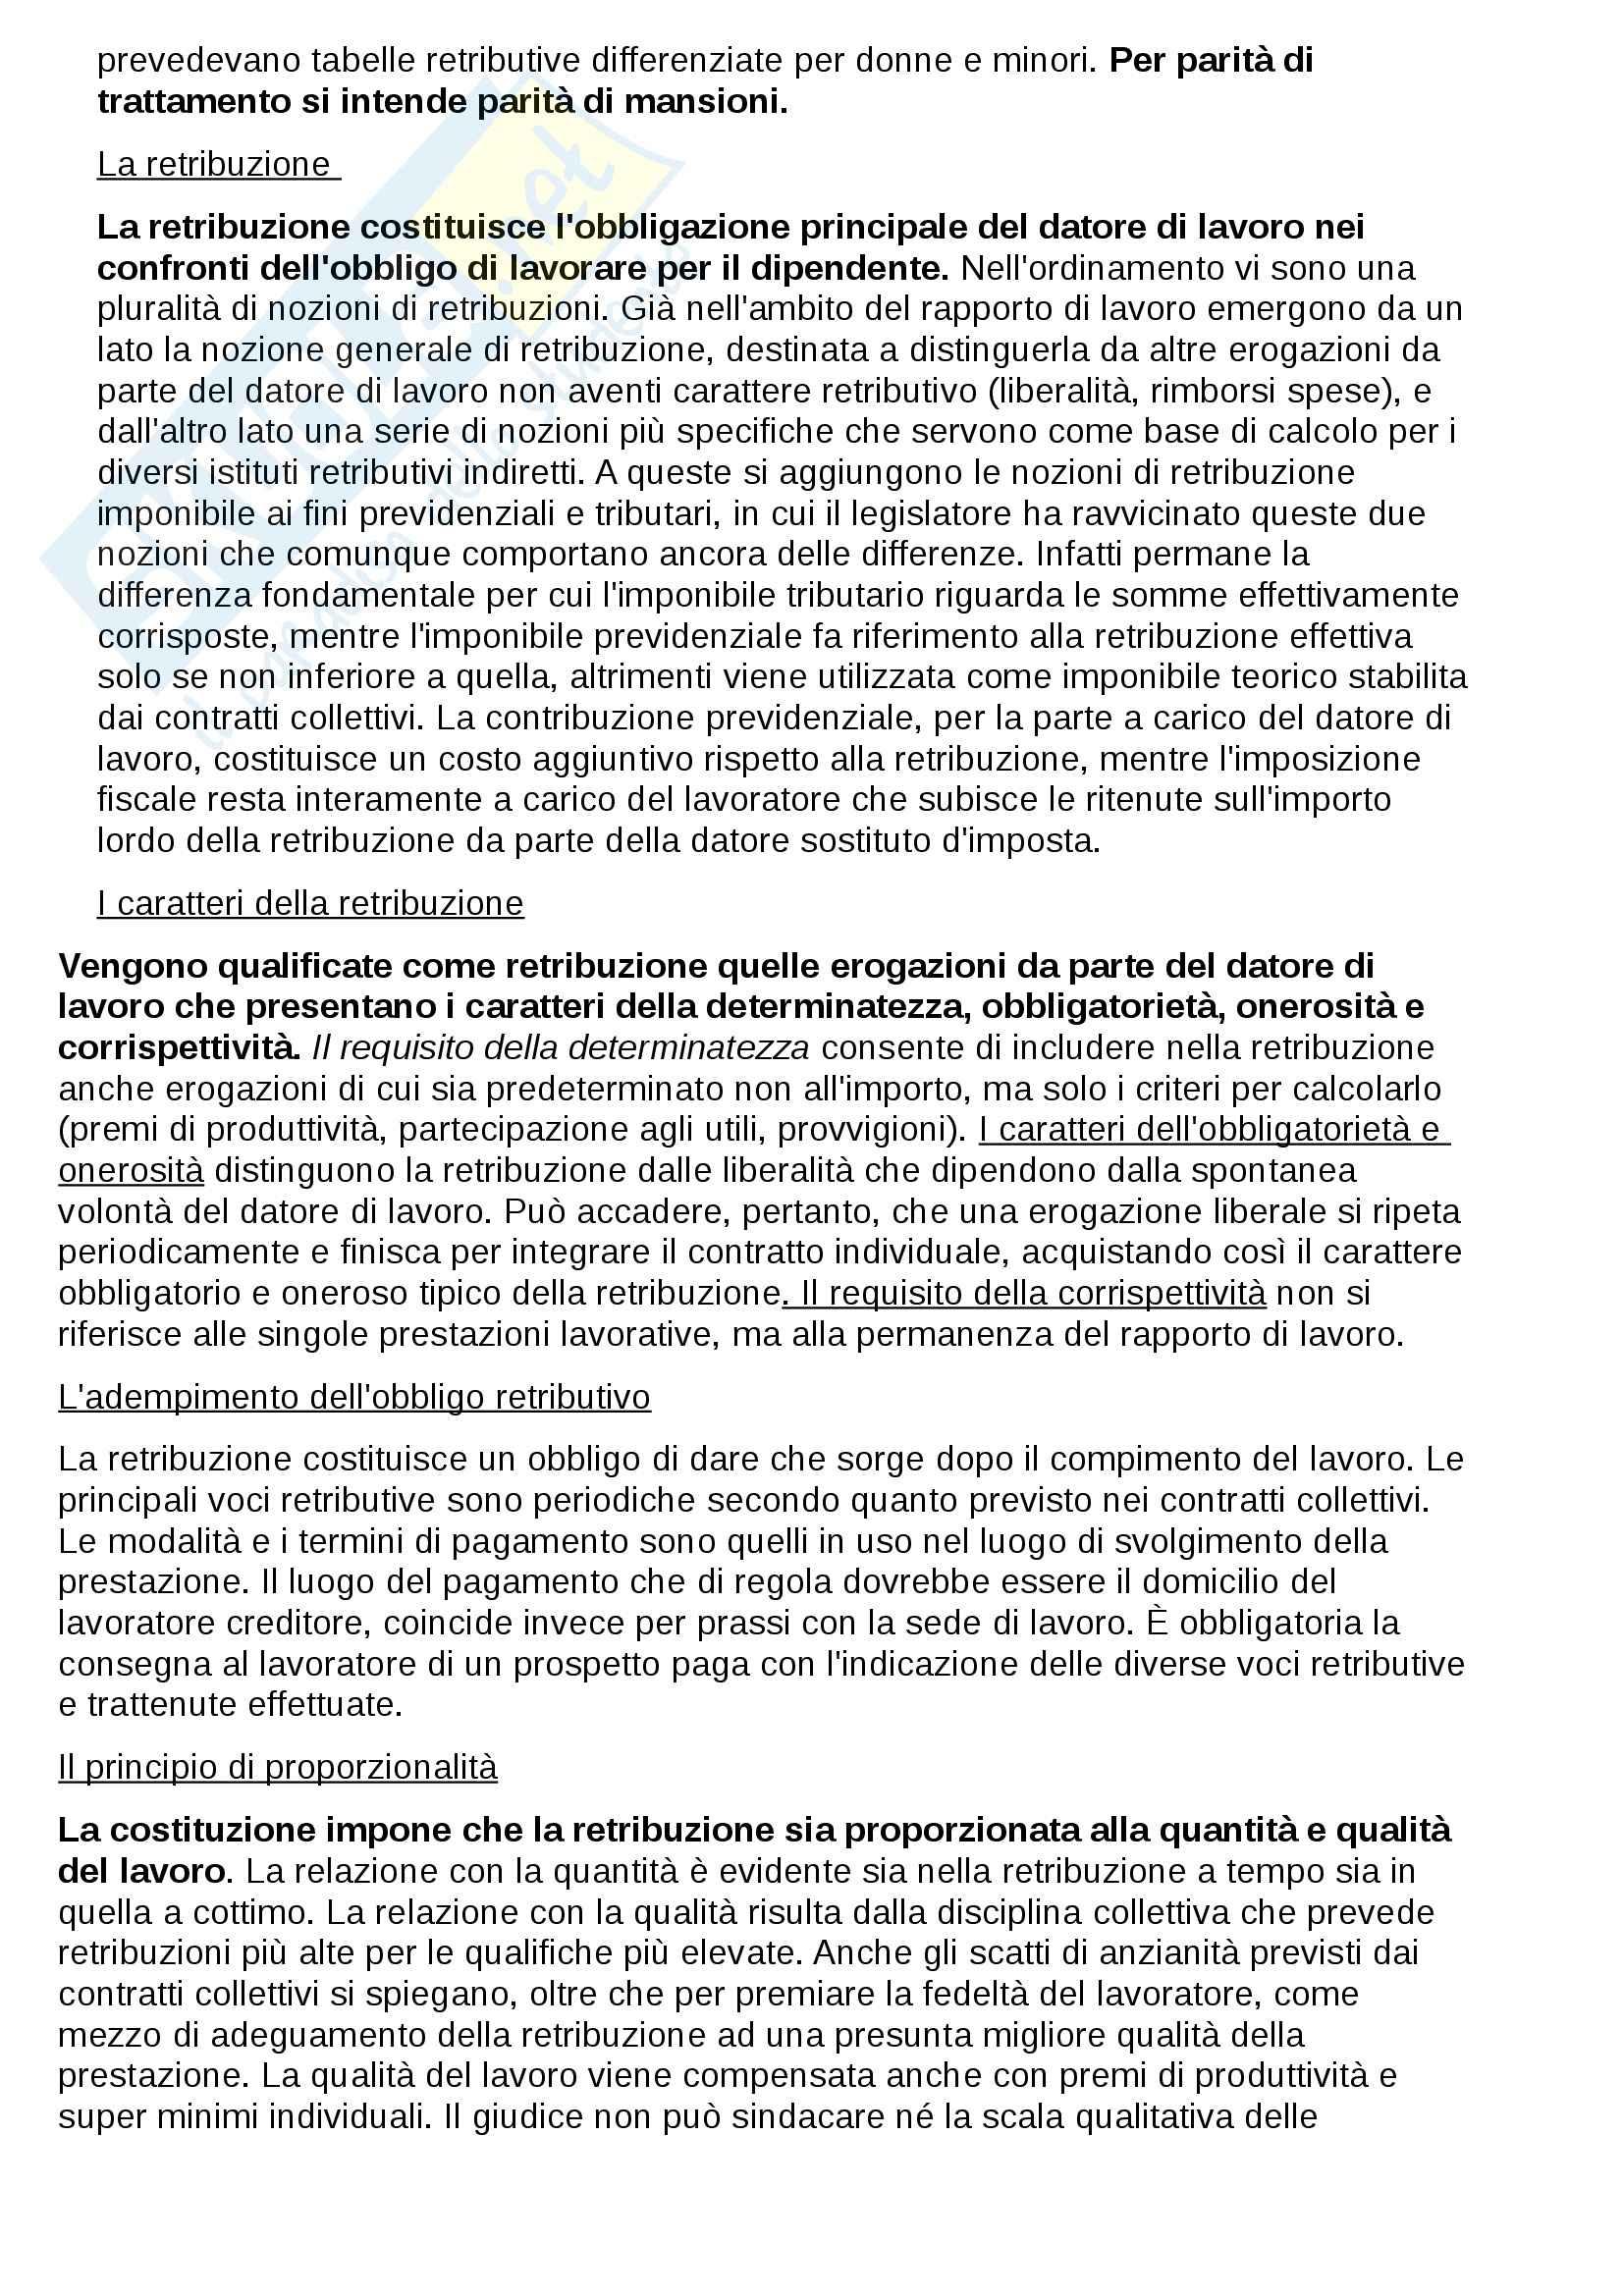 Riassunto esame Diritto del lavoro, prof. Fiorillo Pag. 26